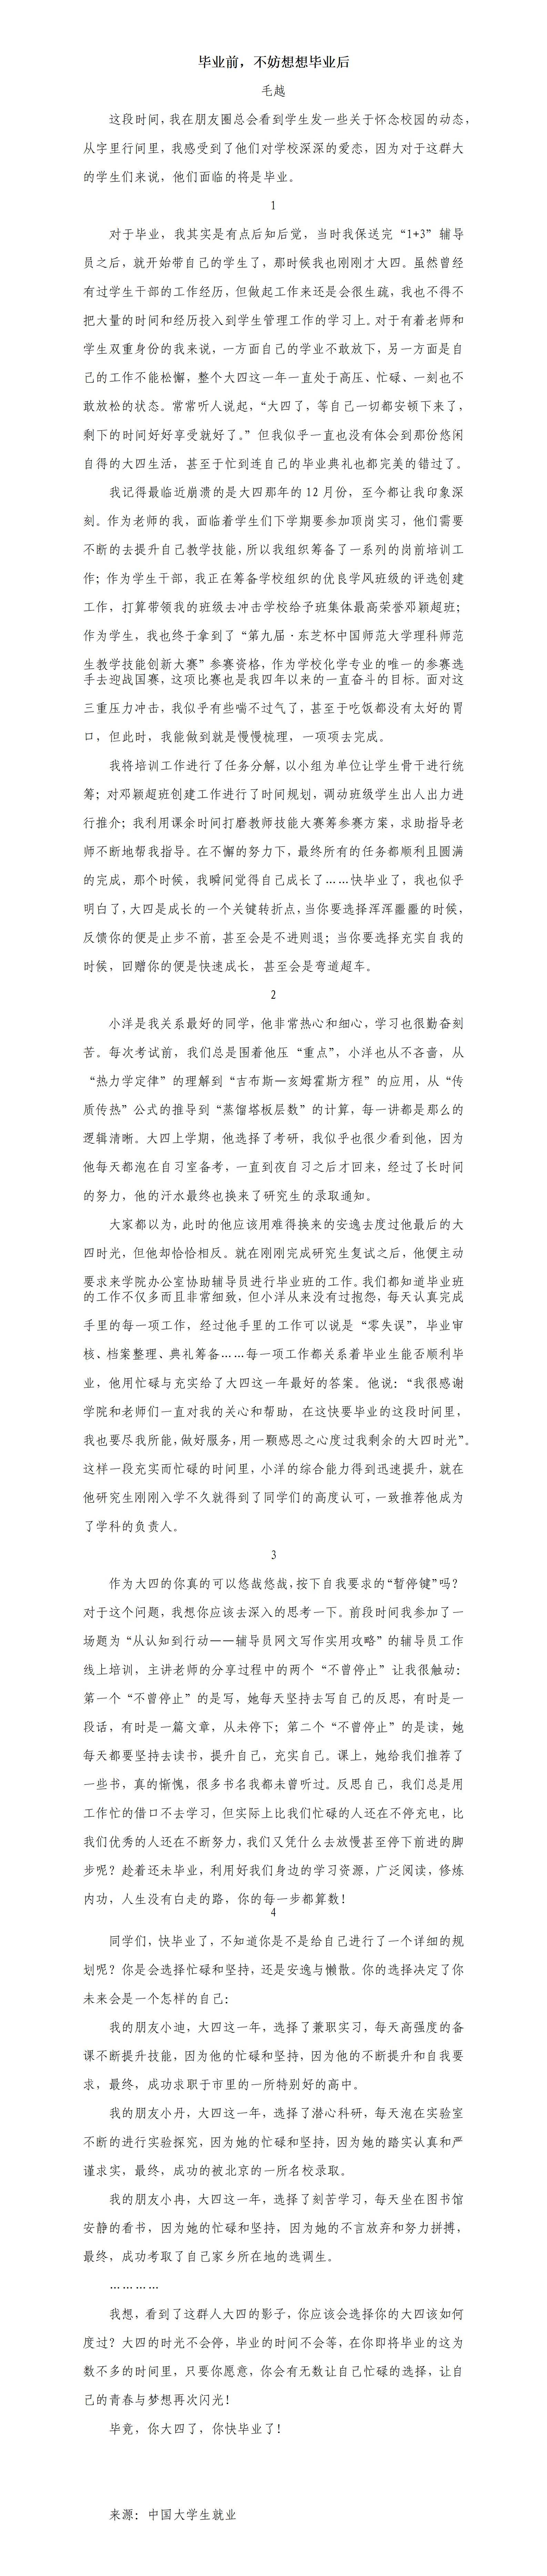 文字文稿2.jpg